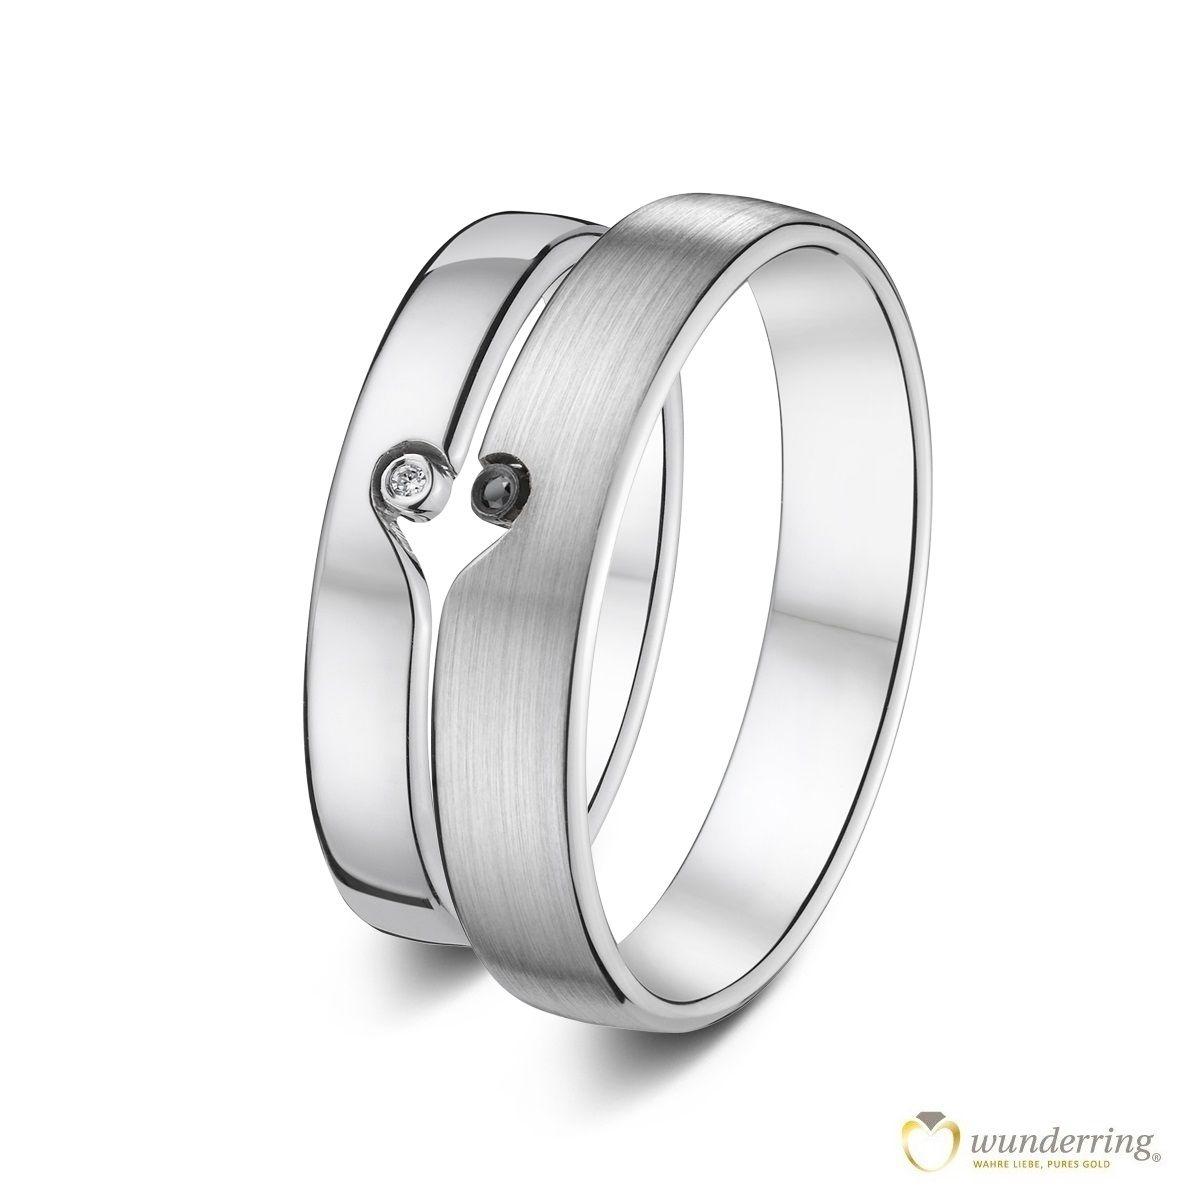 Trauringe hochzeit silber  Eheringe mit ♥ aus Weißgold #Hochzeit #Herz #Trauringe #Diamanten ...